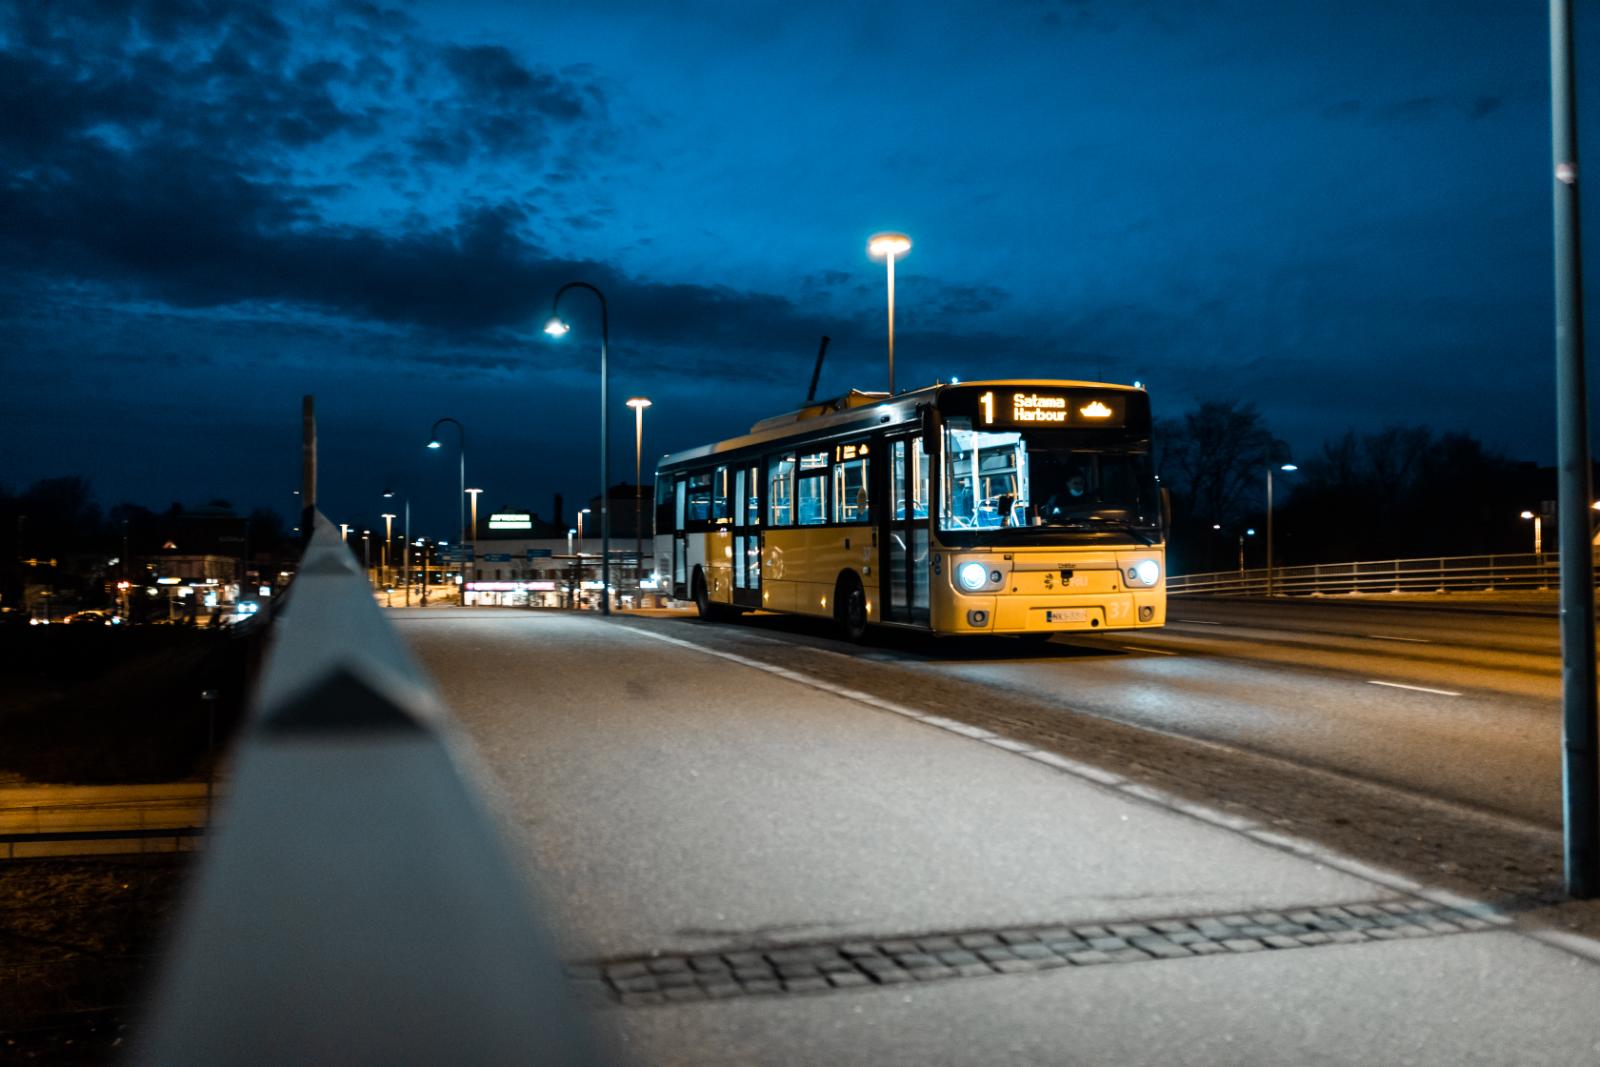 Yöliikenne palaa normaaliksi 4.6.2021